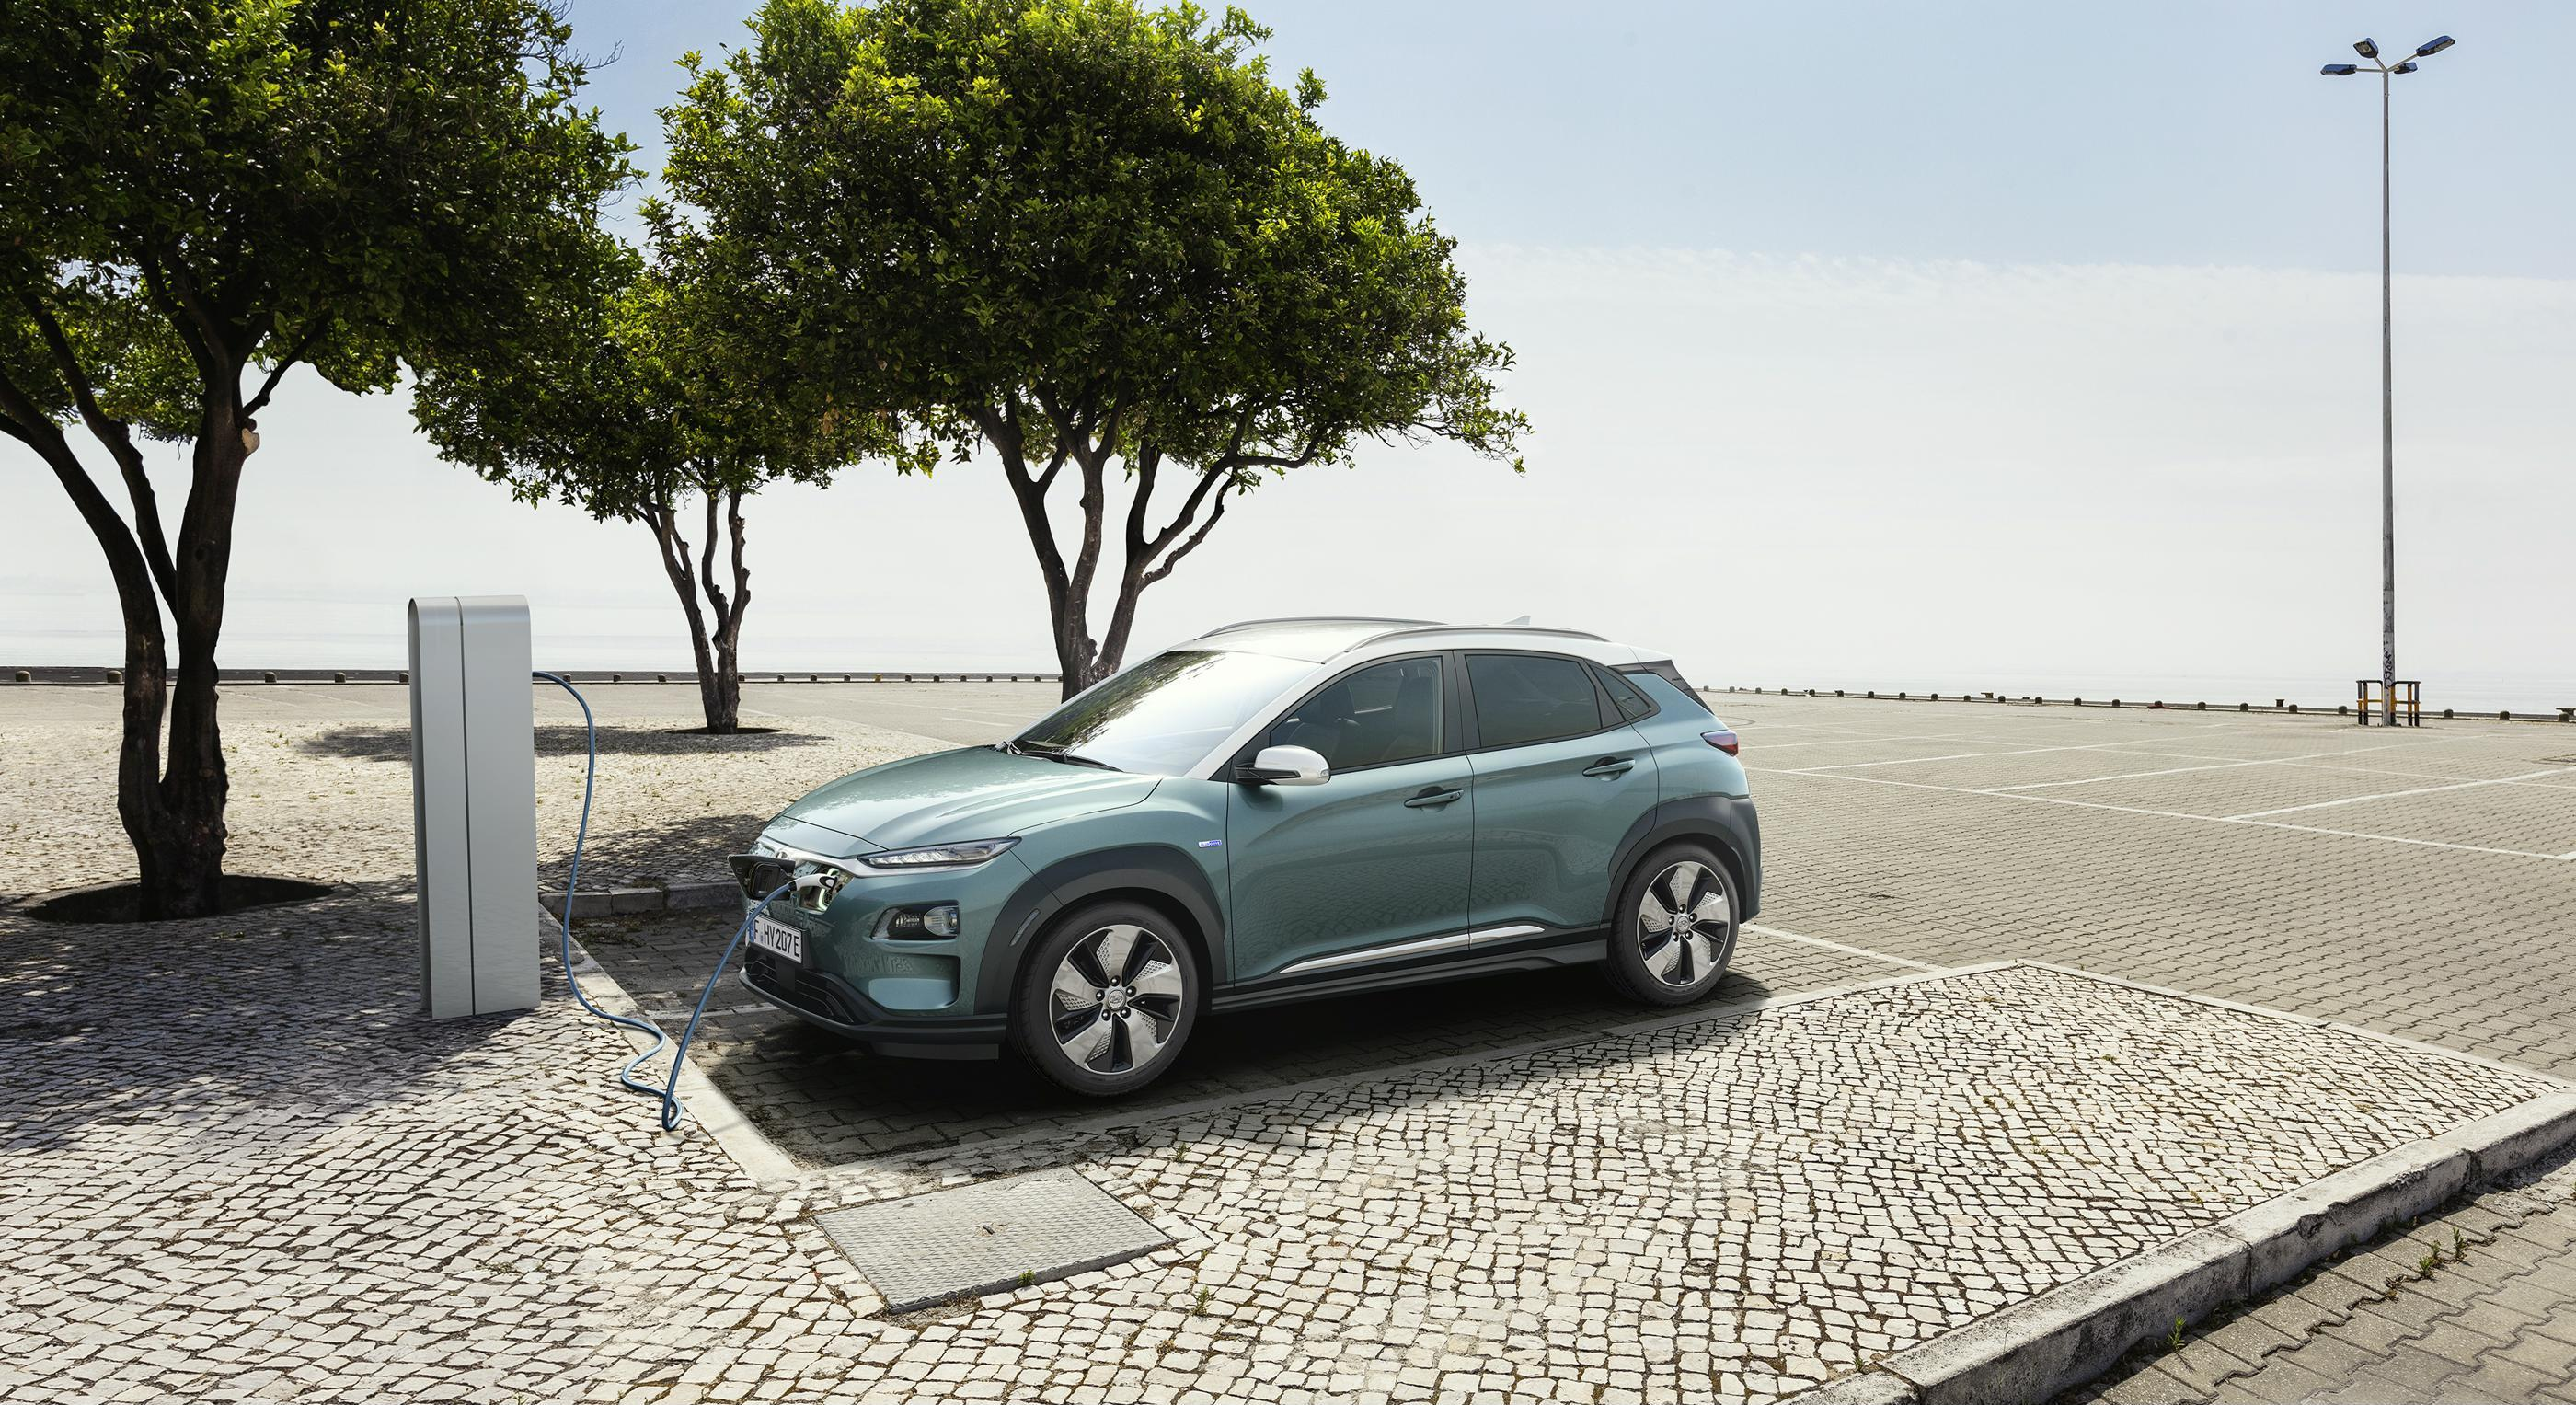 Η Hyundai «ηλεκτρίζει» με διπλή νίκη τα Auto Express New Car Awards του 2018